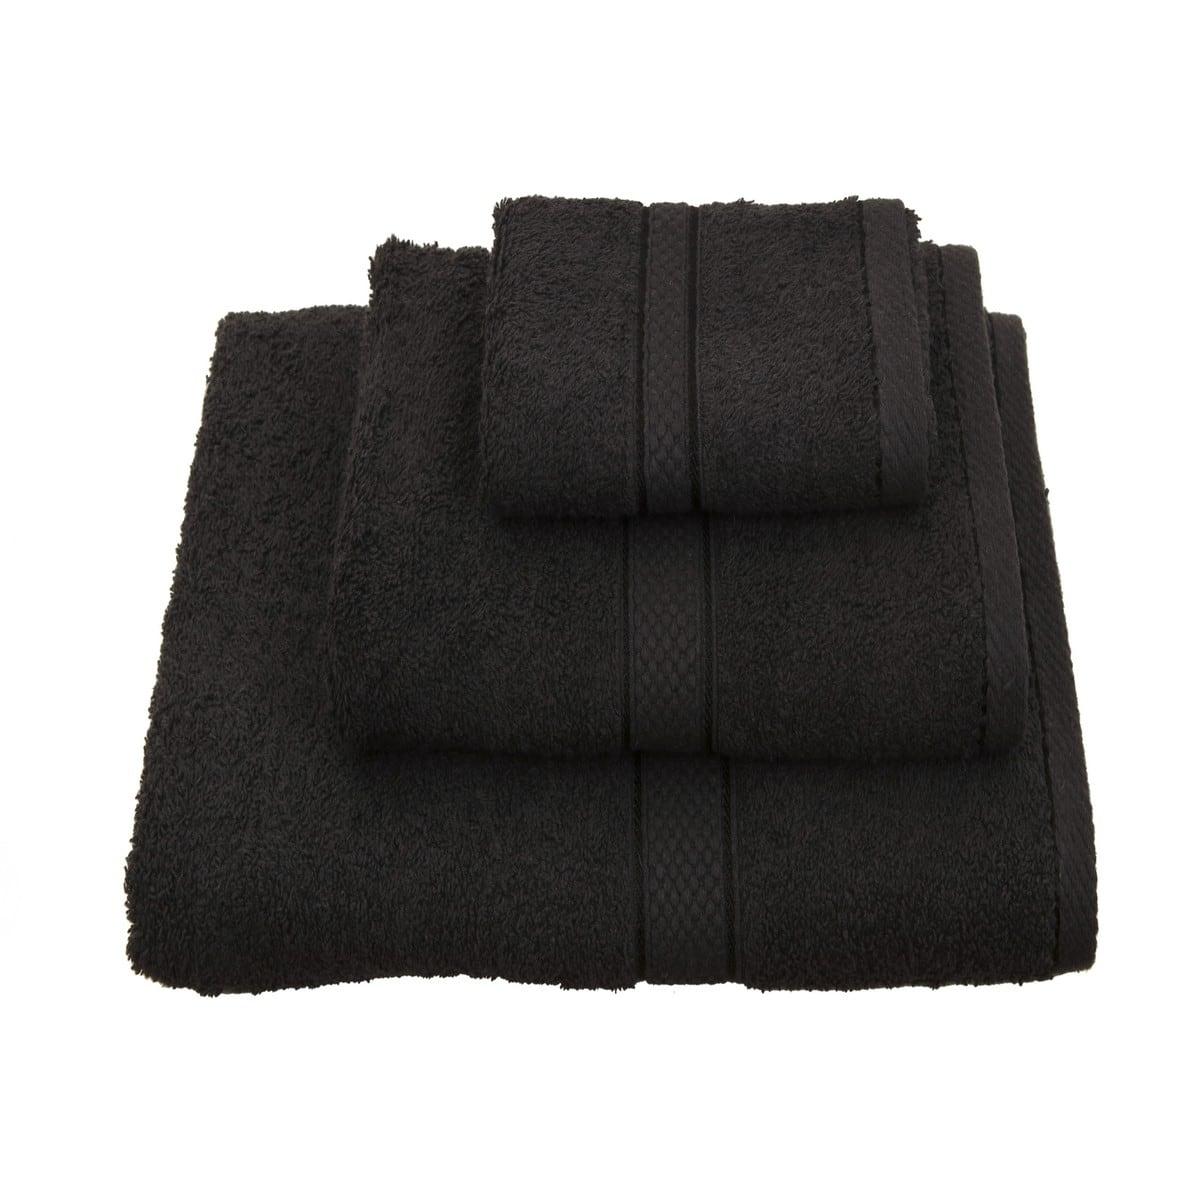 Πετσέτα Classic Μαύρη Viopros Σετ Πετσέτες